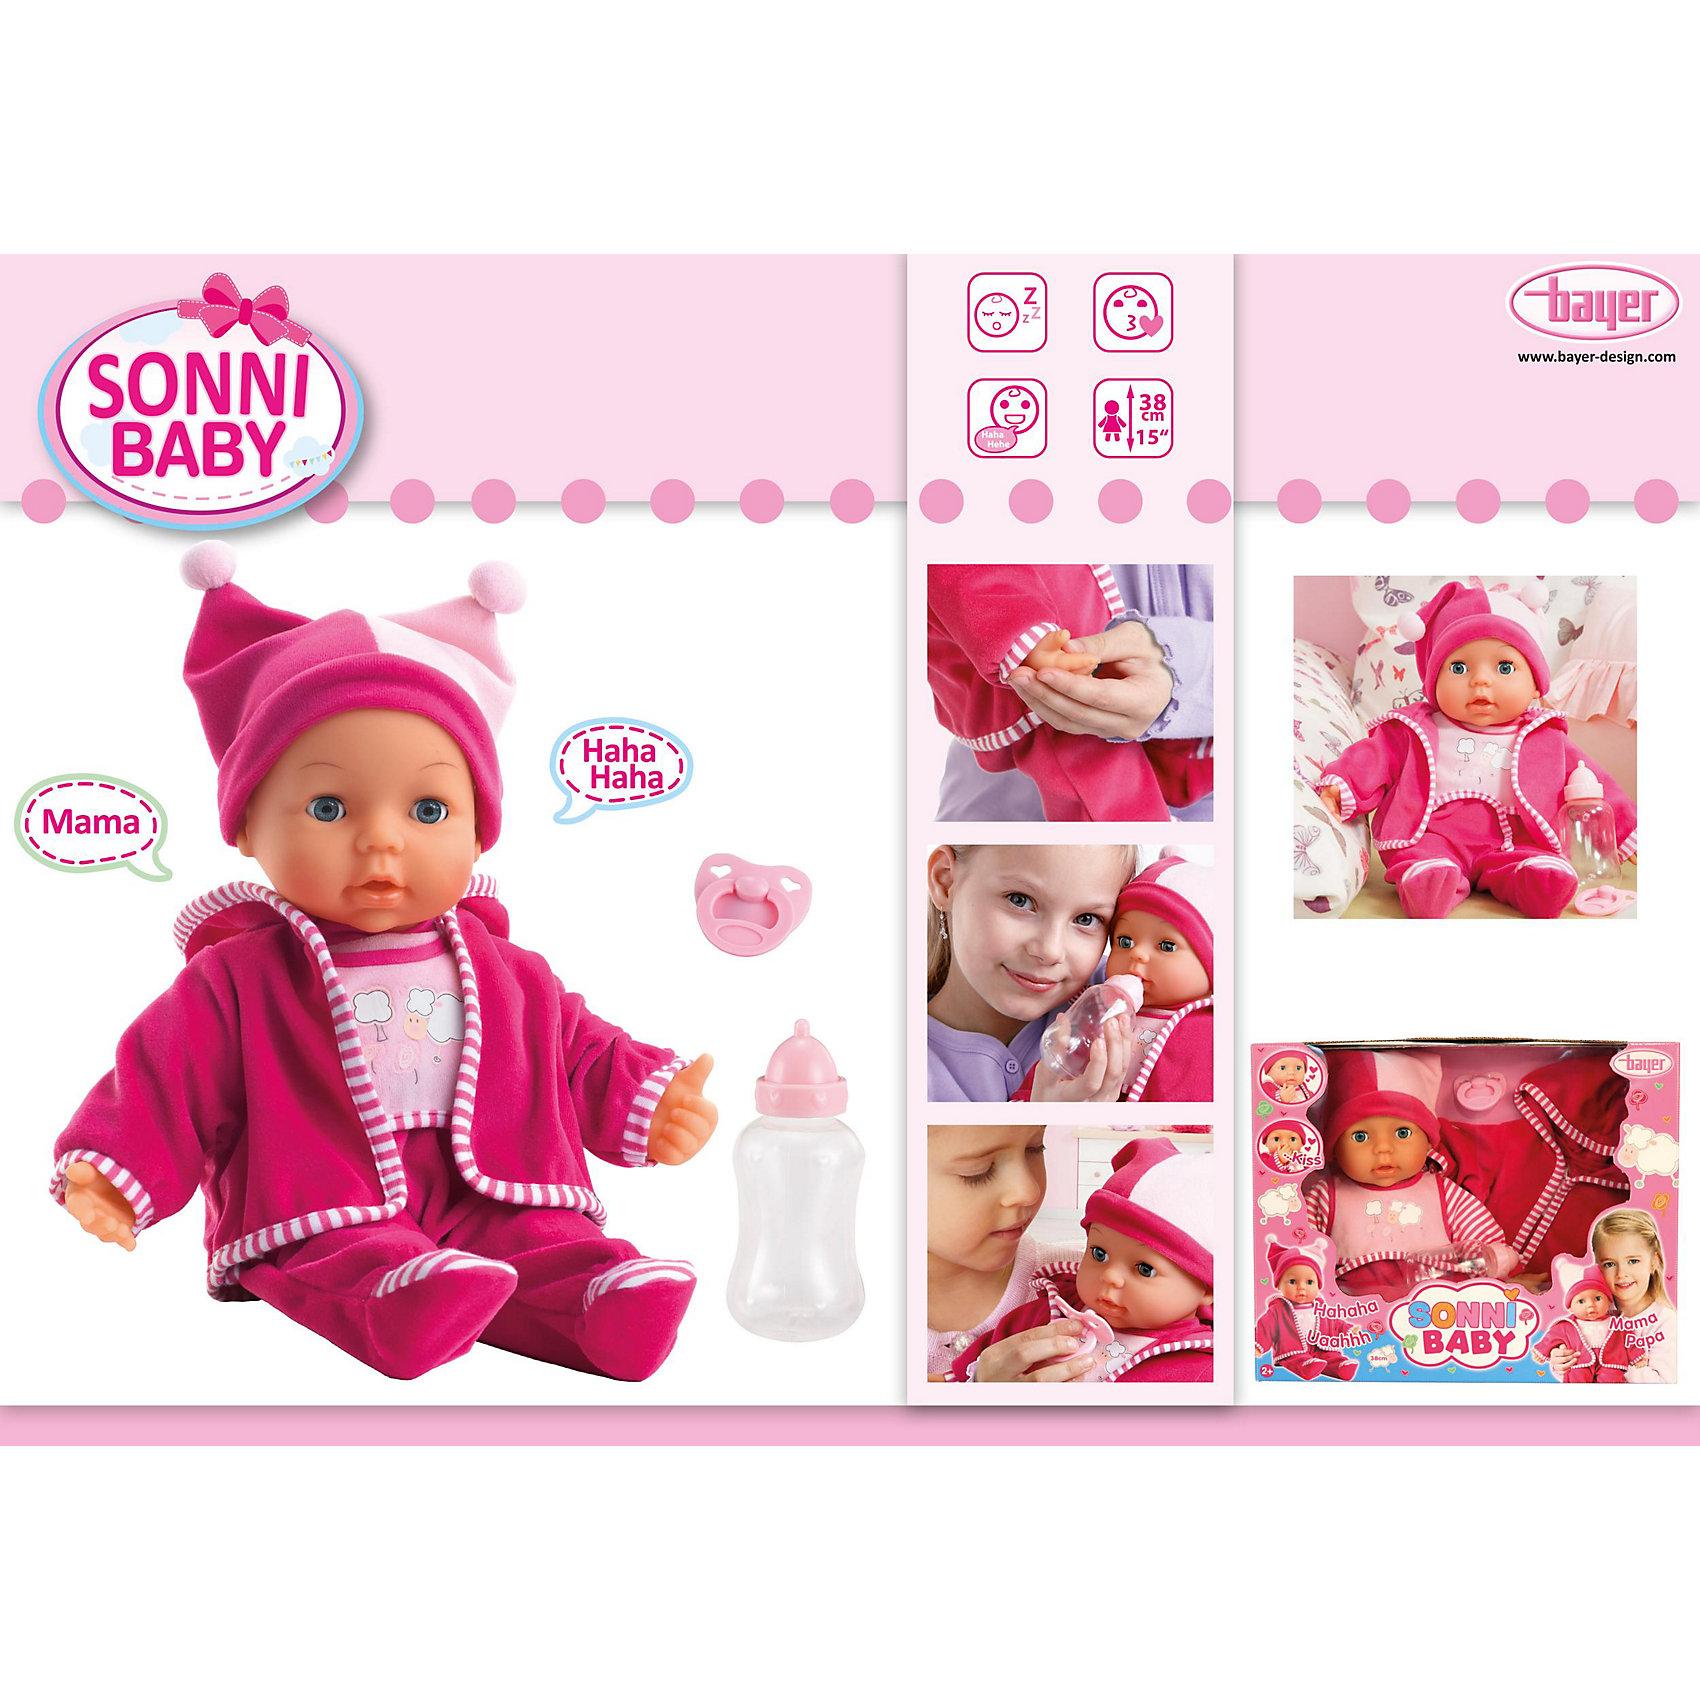 Малышка Сонни 38смМалышка Сонни от Bayer(Байер) - потрясающий интерактивный пупс. Очаровательная кукла умеет посылать воздушные поцелуи, говорить мама, папа, смеяться и плакать. Для этого нужно лишь нажать ей на ручку или животик. Кукла одета в уютный комбинезон и шапочку. Любая девочка по достоинству оценит такой подарок!<br><br>Дополнительная информация:<br>Материал: пластик, текстиль<br>Высота: 38 см<br>Батарейки: LR44 - 3 шт.(входят в комплект)<br><br>Купить Малышку Сонни можно в нашем интернет-магазине.<br><br>Ширина мм: 369<br>Глубина мм: 295<br>Высота мм: 134<br>Вес г: 825<br>Возраст от месяцев: 36<br>Возраст до месяцев: 60<br>Пол: Женский<br>Возраст: Детский<br>SKU: 2477509